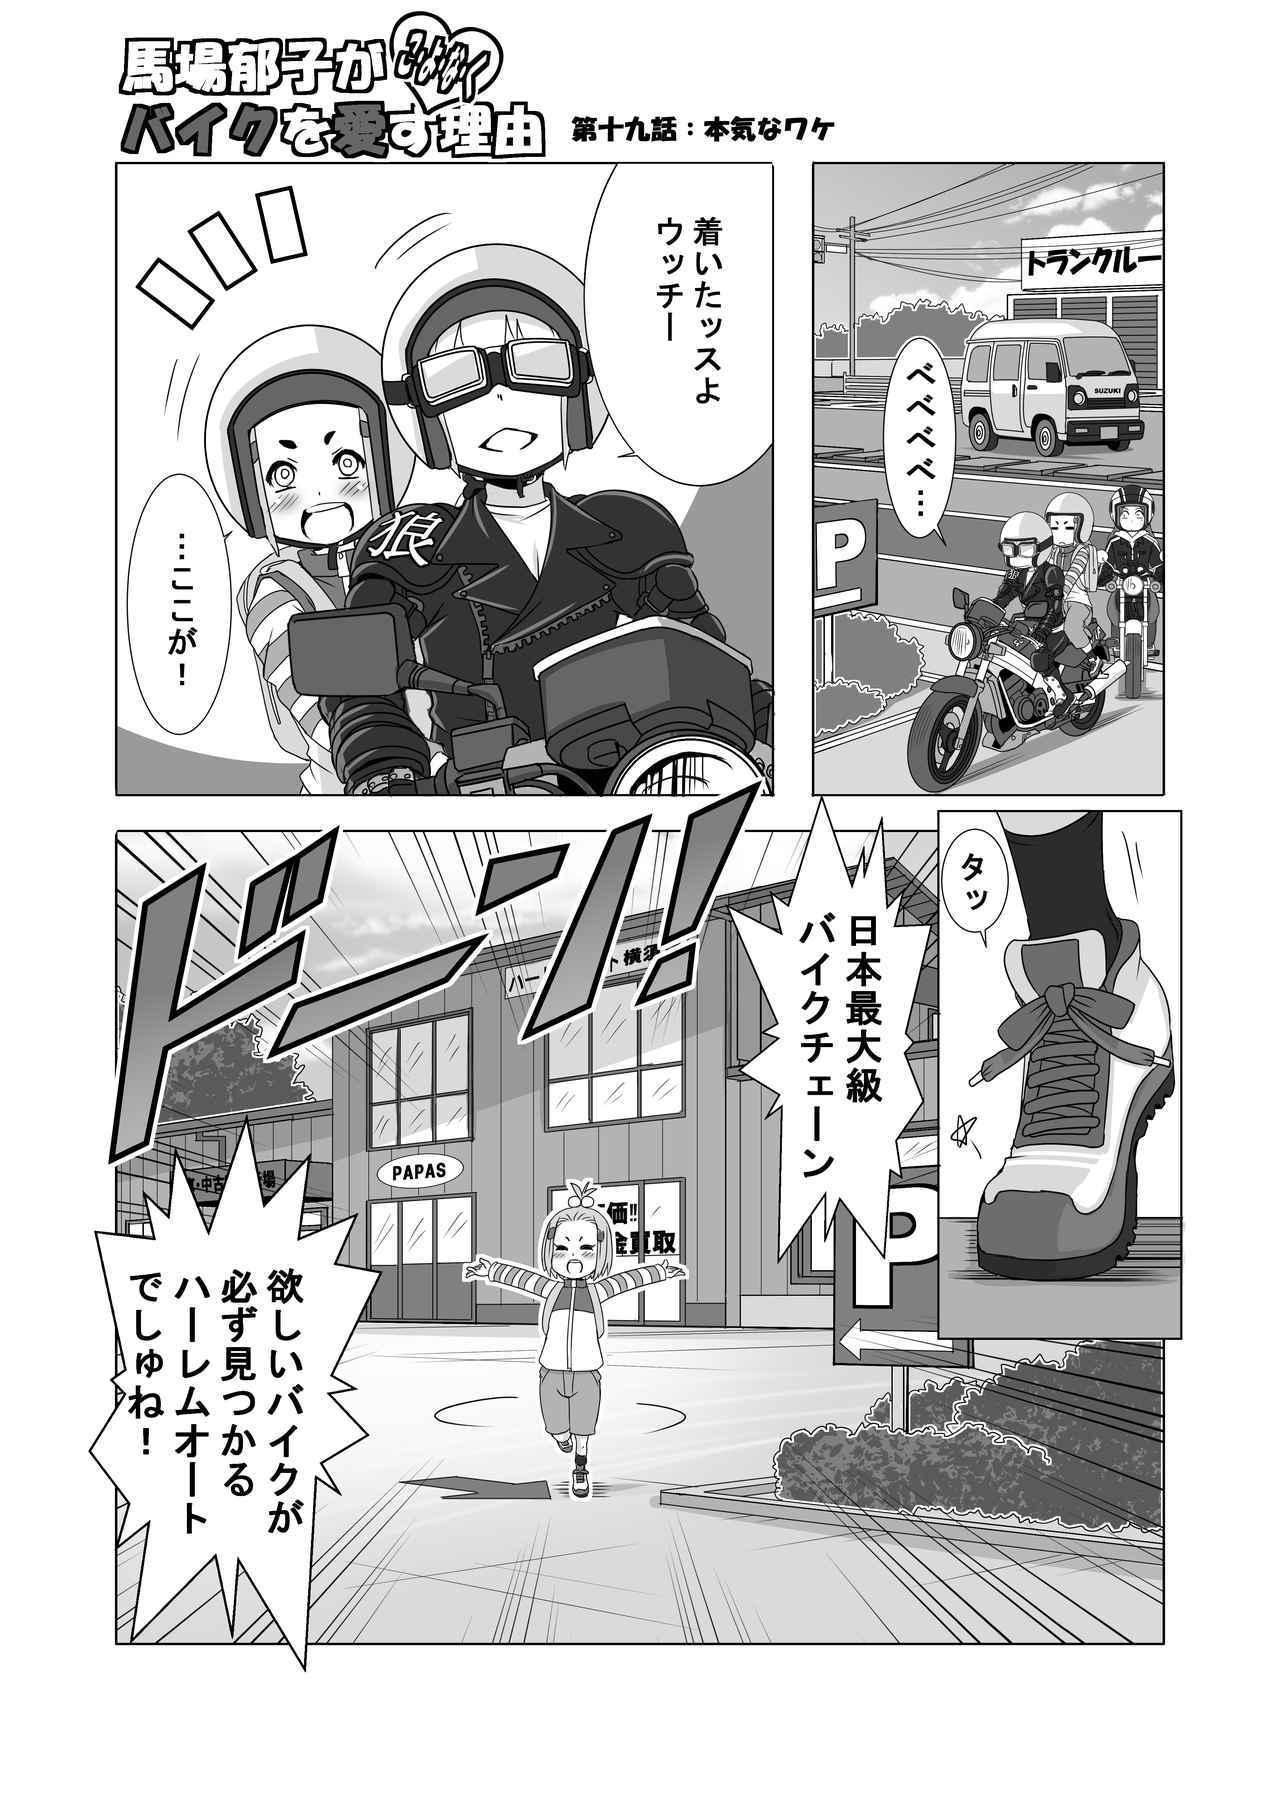 画像1: 【連載】馬場郁子がこよなくバイクを愛す理由(第十九話:本気なワケ)作:鈴木秀吉